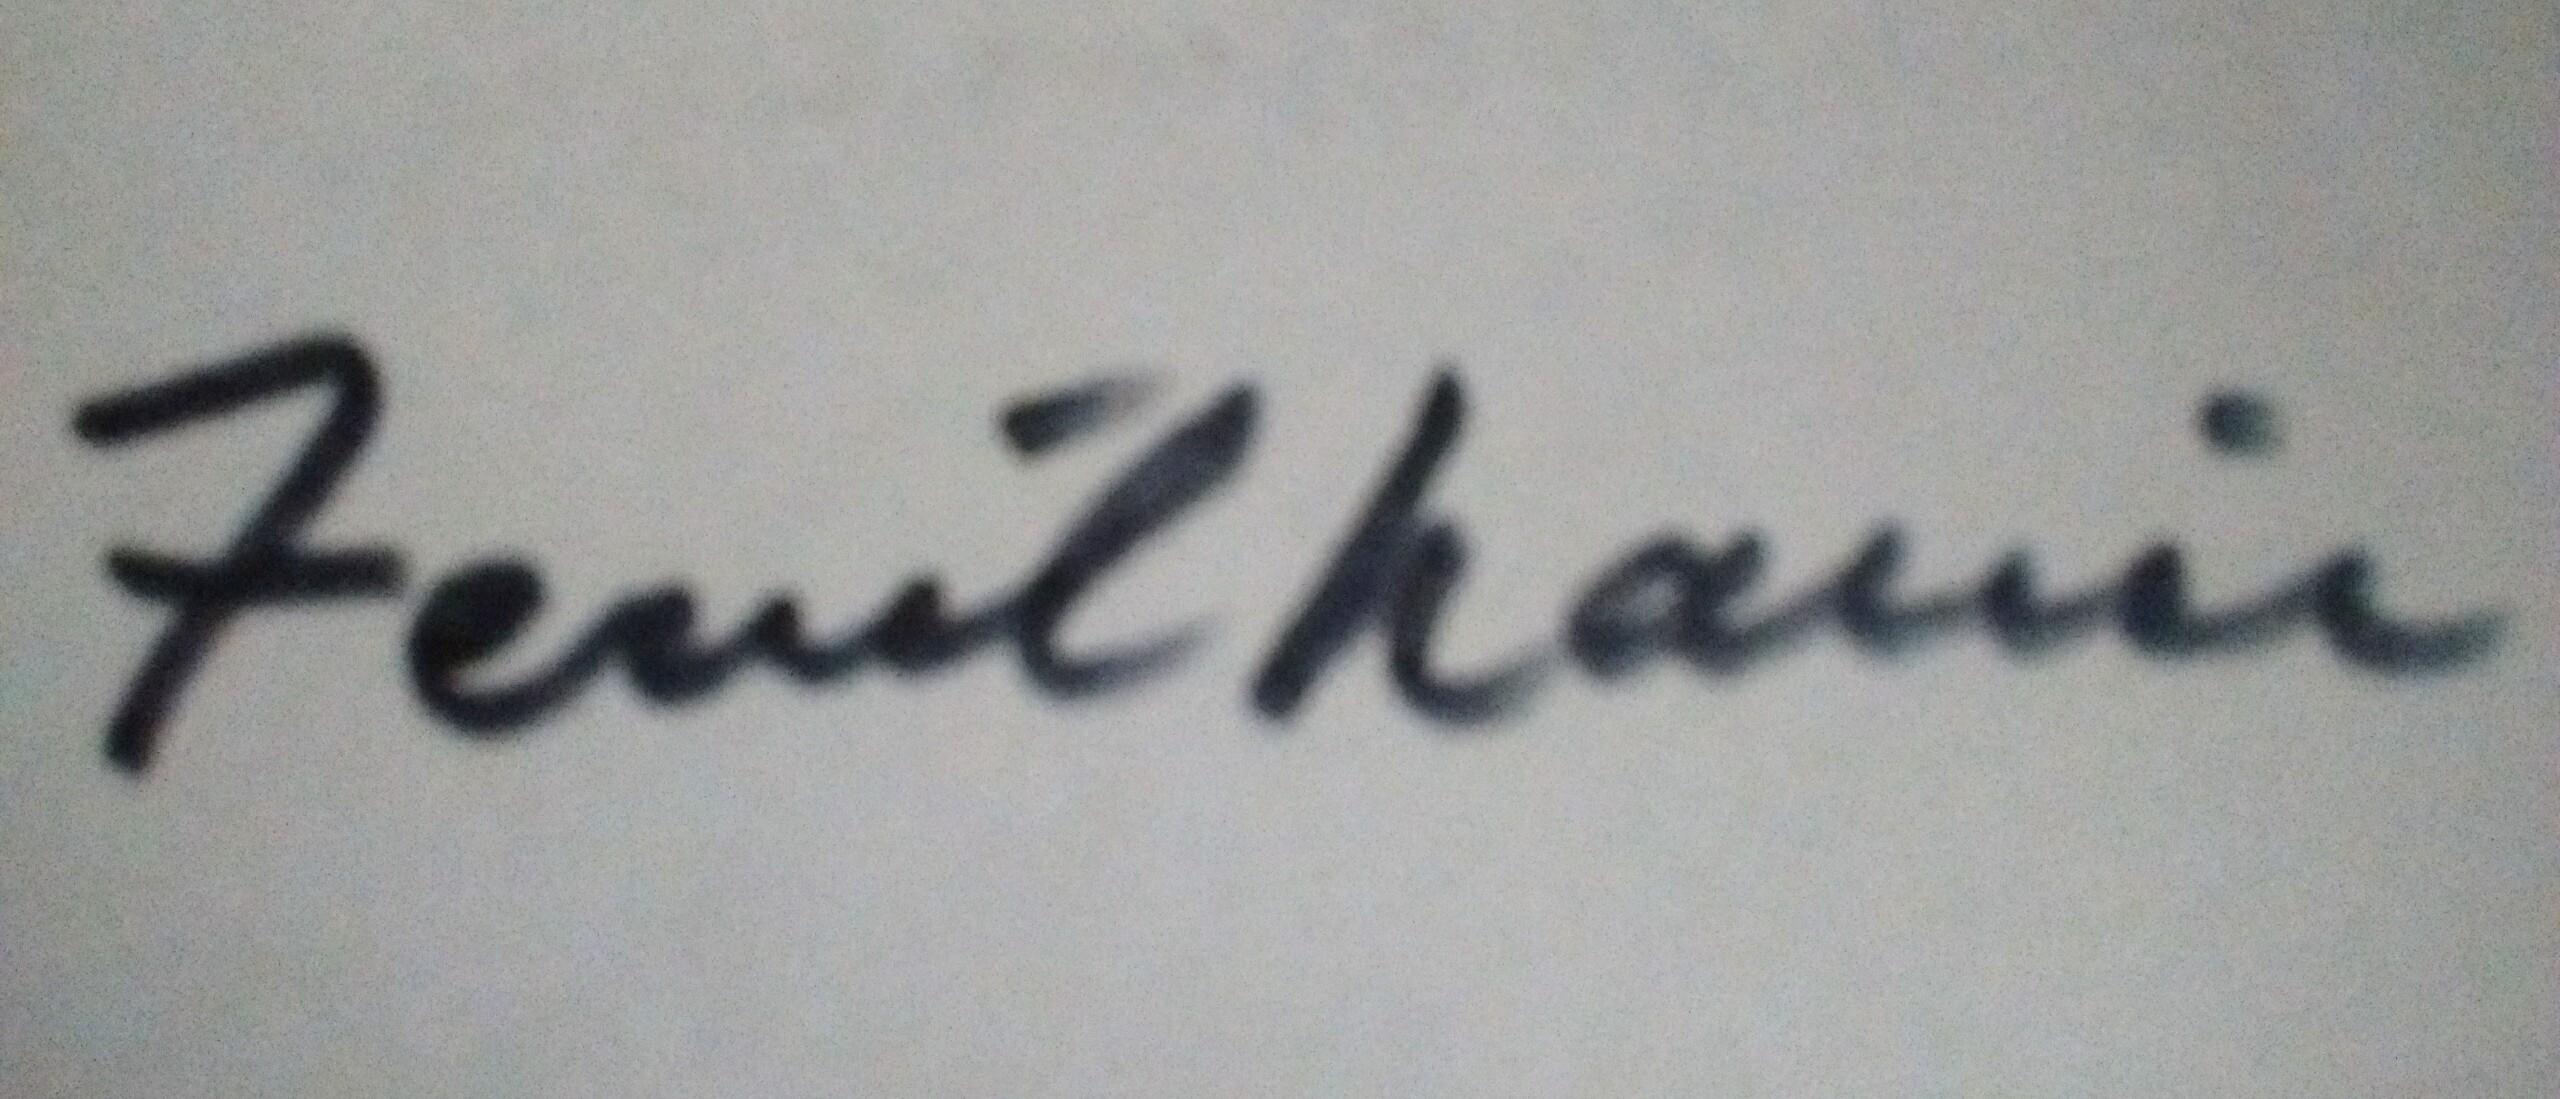 Ferril Nawir's Signature